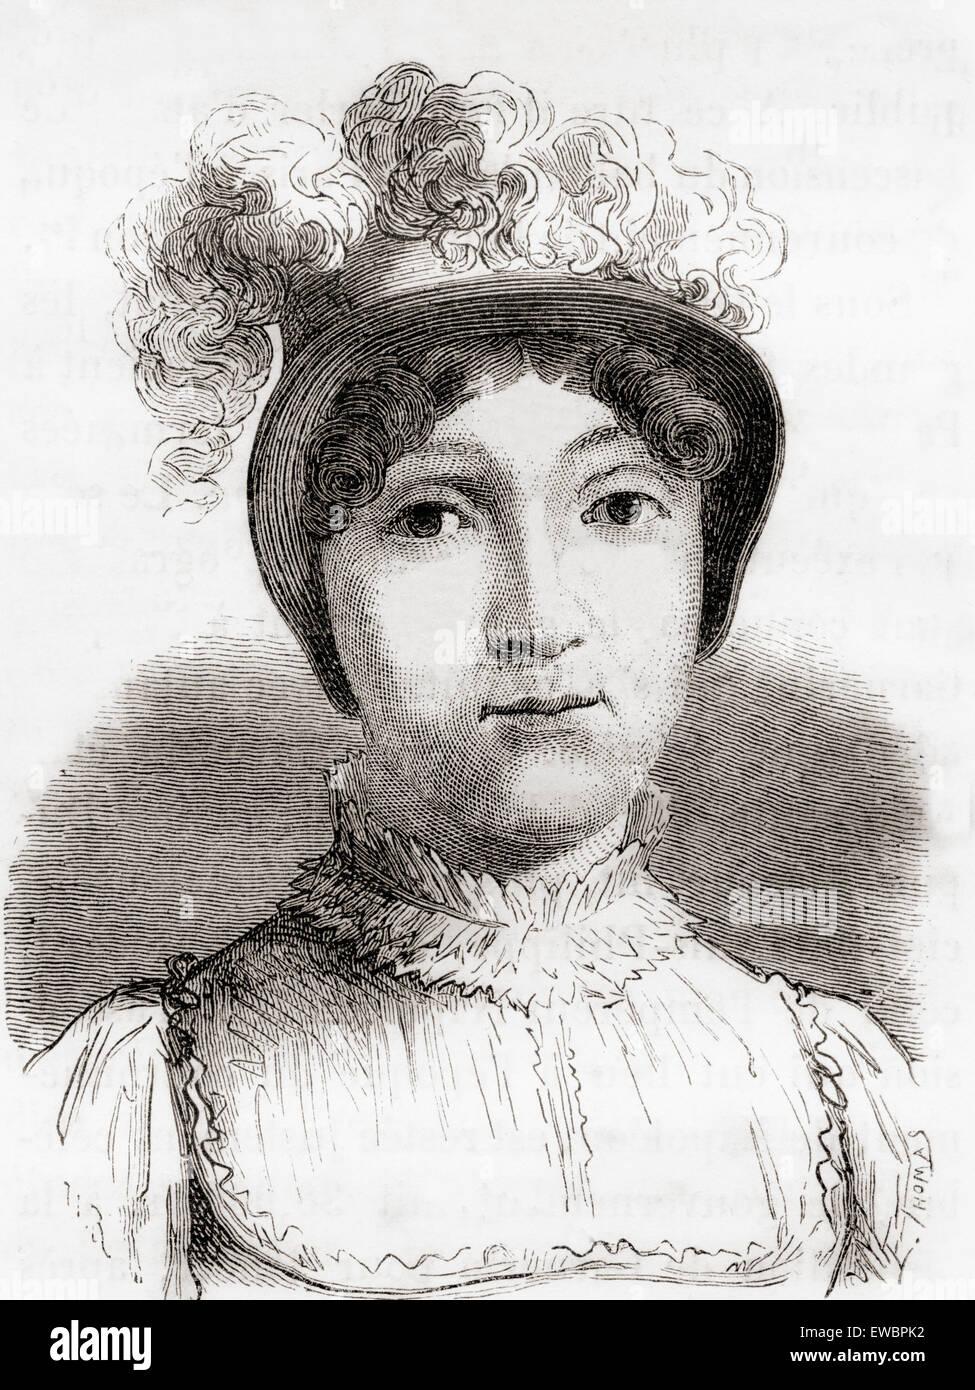 Sophie Blanchard, auch bekannt als Madame Blanchard, 1778 – 1819.  Französischer Luftschiffer und die Ehefrau von Ballonfahren Pionier Jean-Pierre Blanchard. Blanchard wurde die erste Frau als eine professionelle Ballonfahrer zu arbeiten und die erste Frau in einem Flugzeugunglück getötet werden. Stockfoto